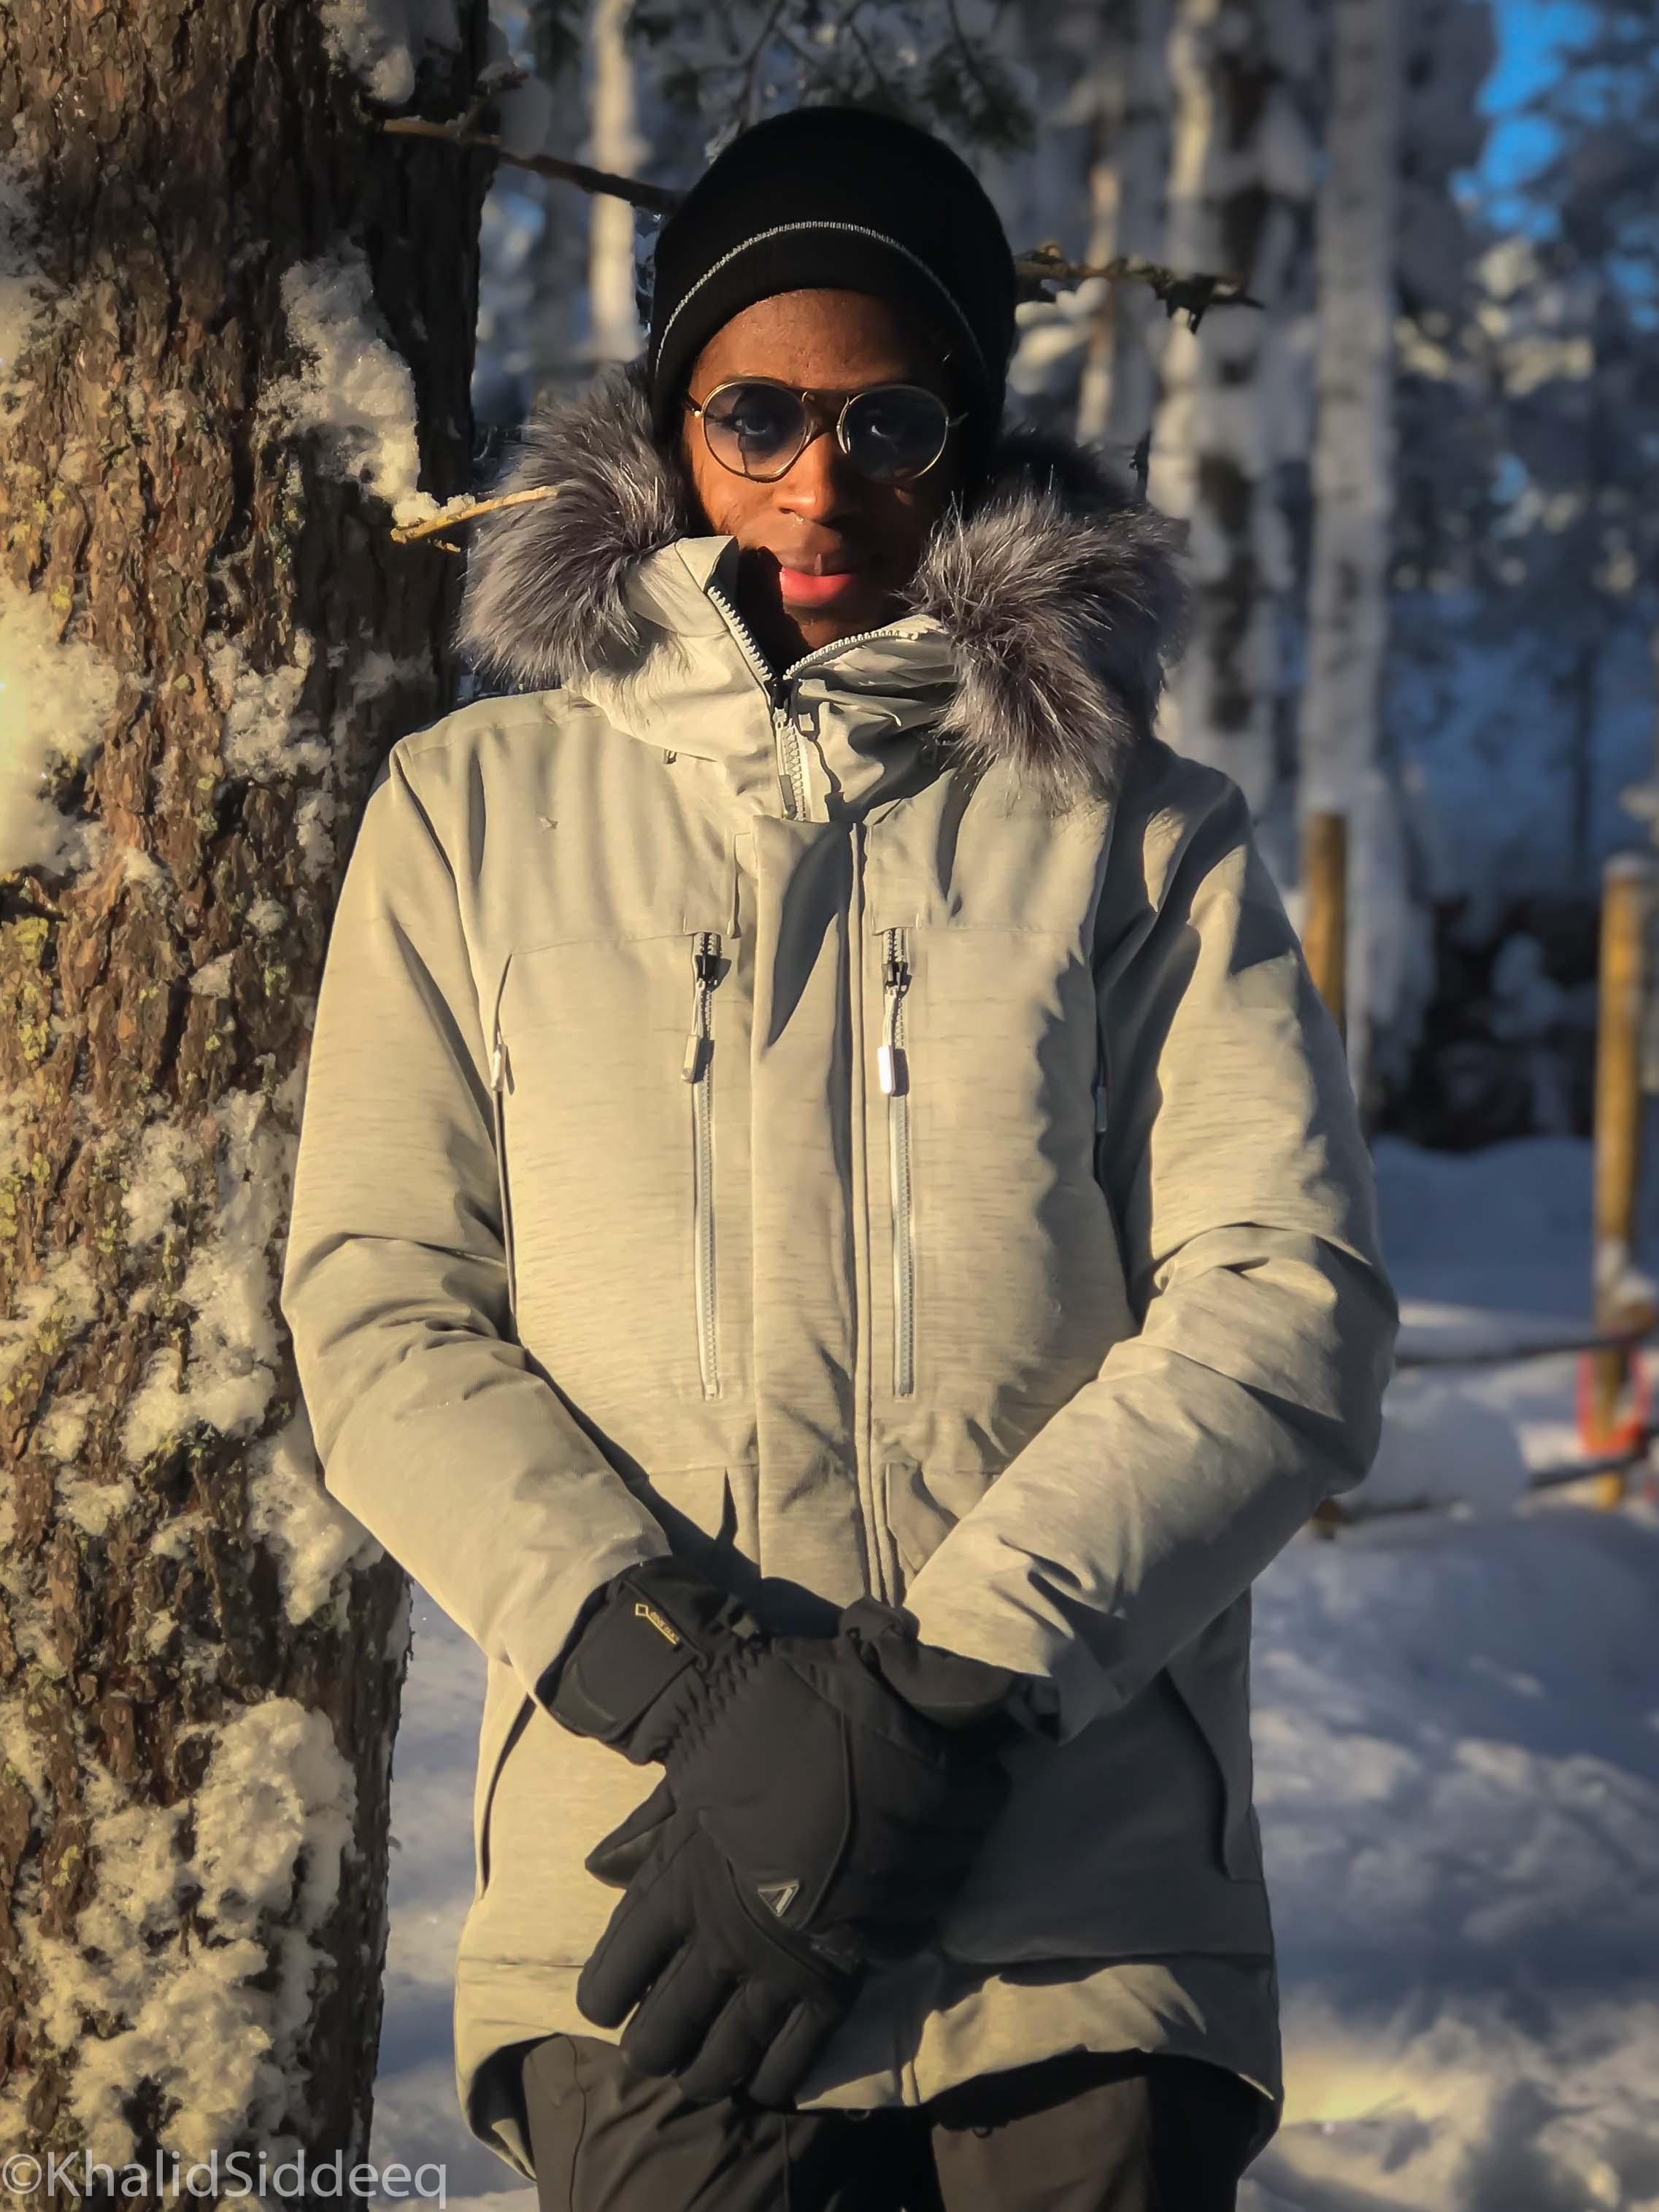 -22℃ - درجة الحرارة عند التقاط هذه الصوة، مرتدياً قبعة مقاومة للرياح، قفازات، ومعطف مقاوم للبرودة الشديدة